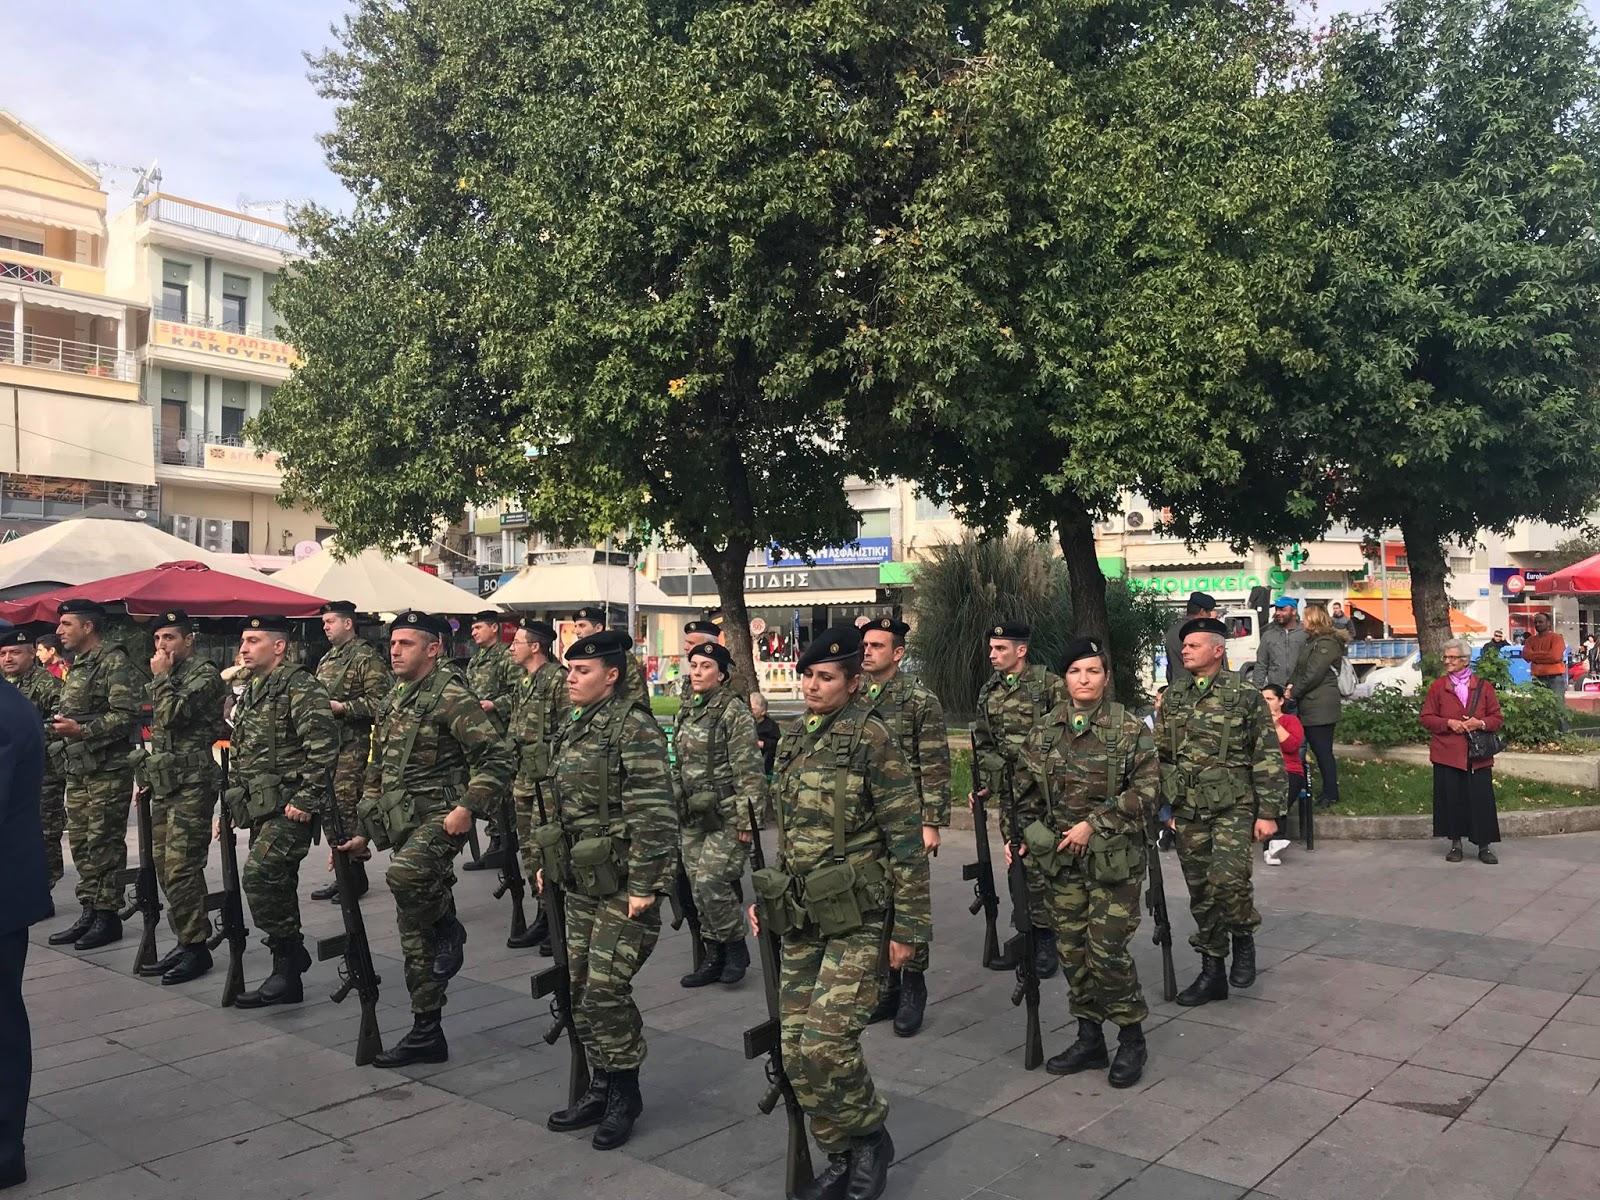 Φωτορεπορτάζ από την δοξολογία και τη κατάθεση στεφάνου για την Ημέρα των Ενόπλων Δυνάμεων